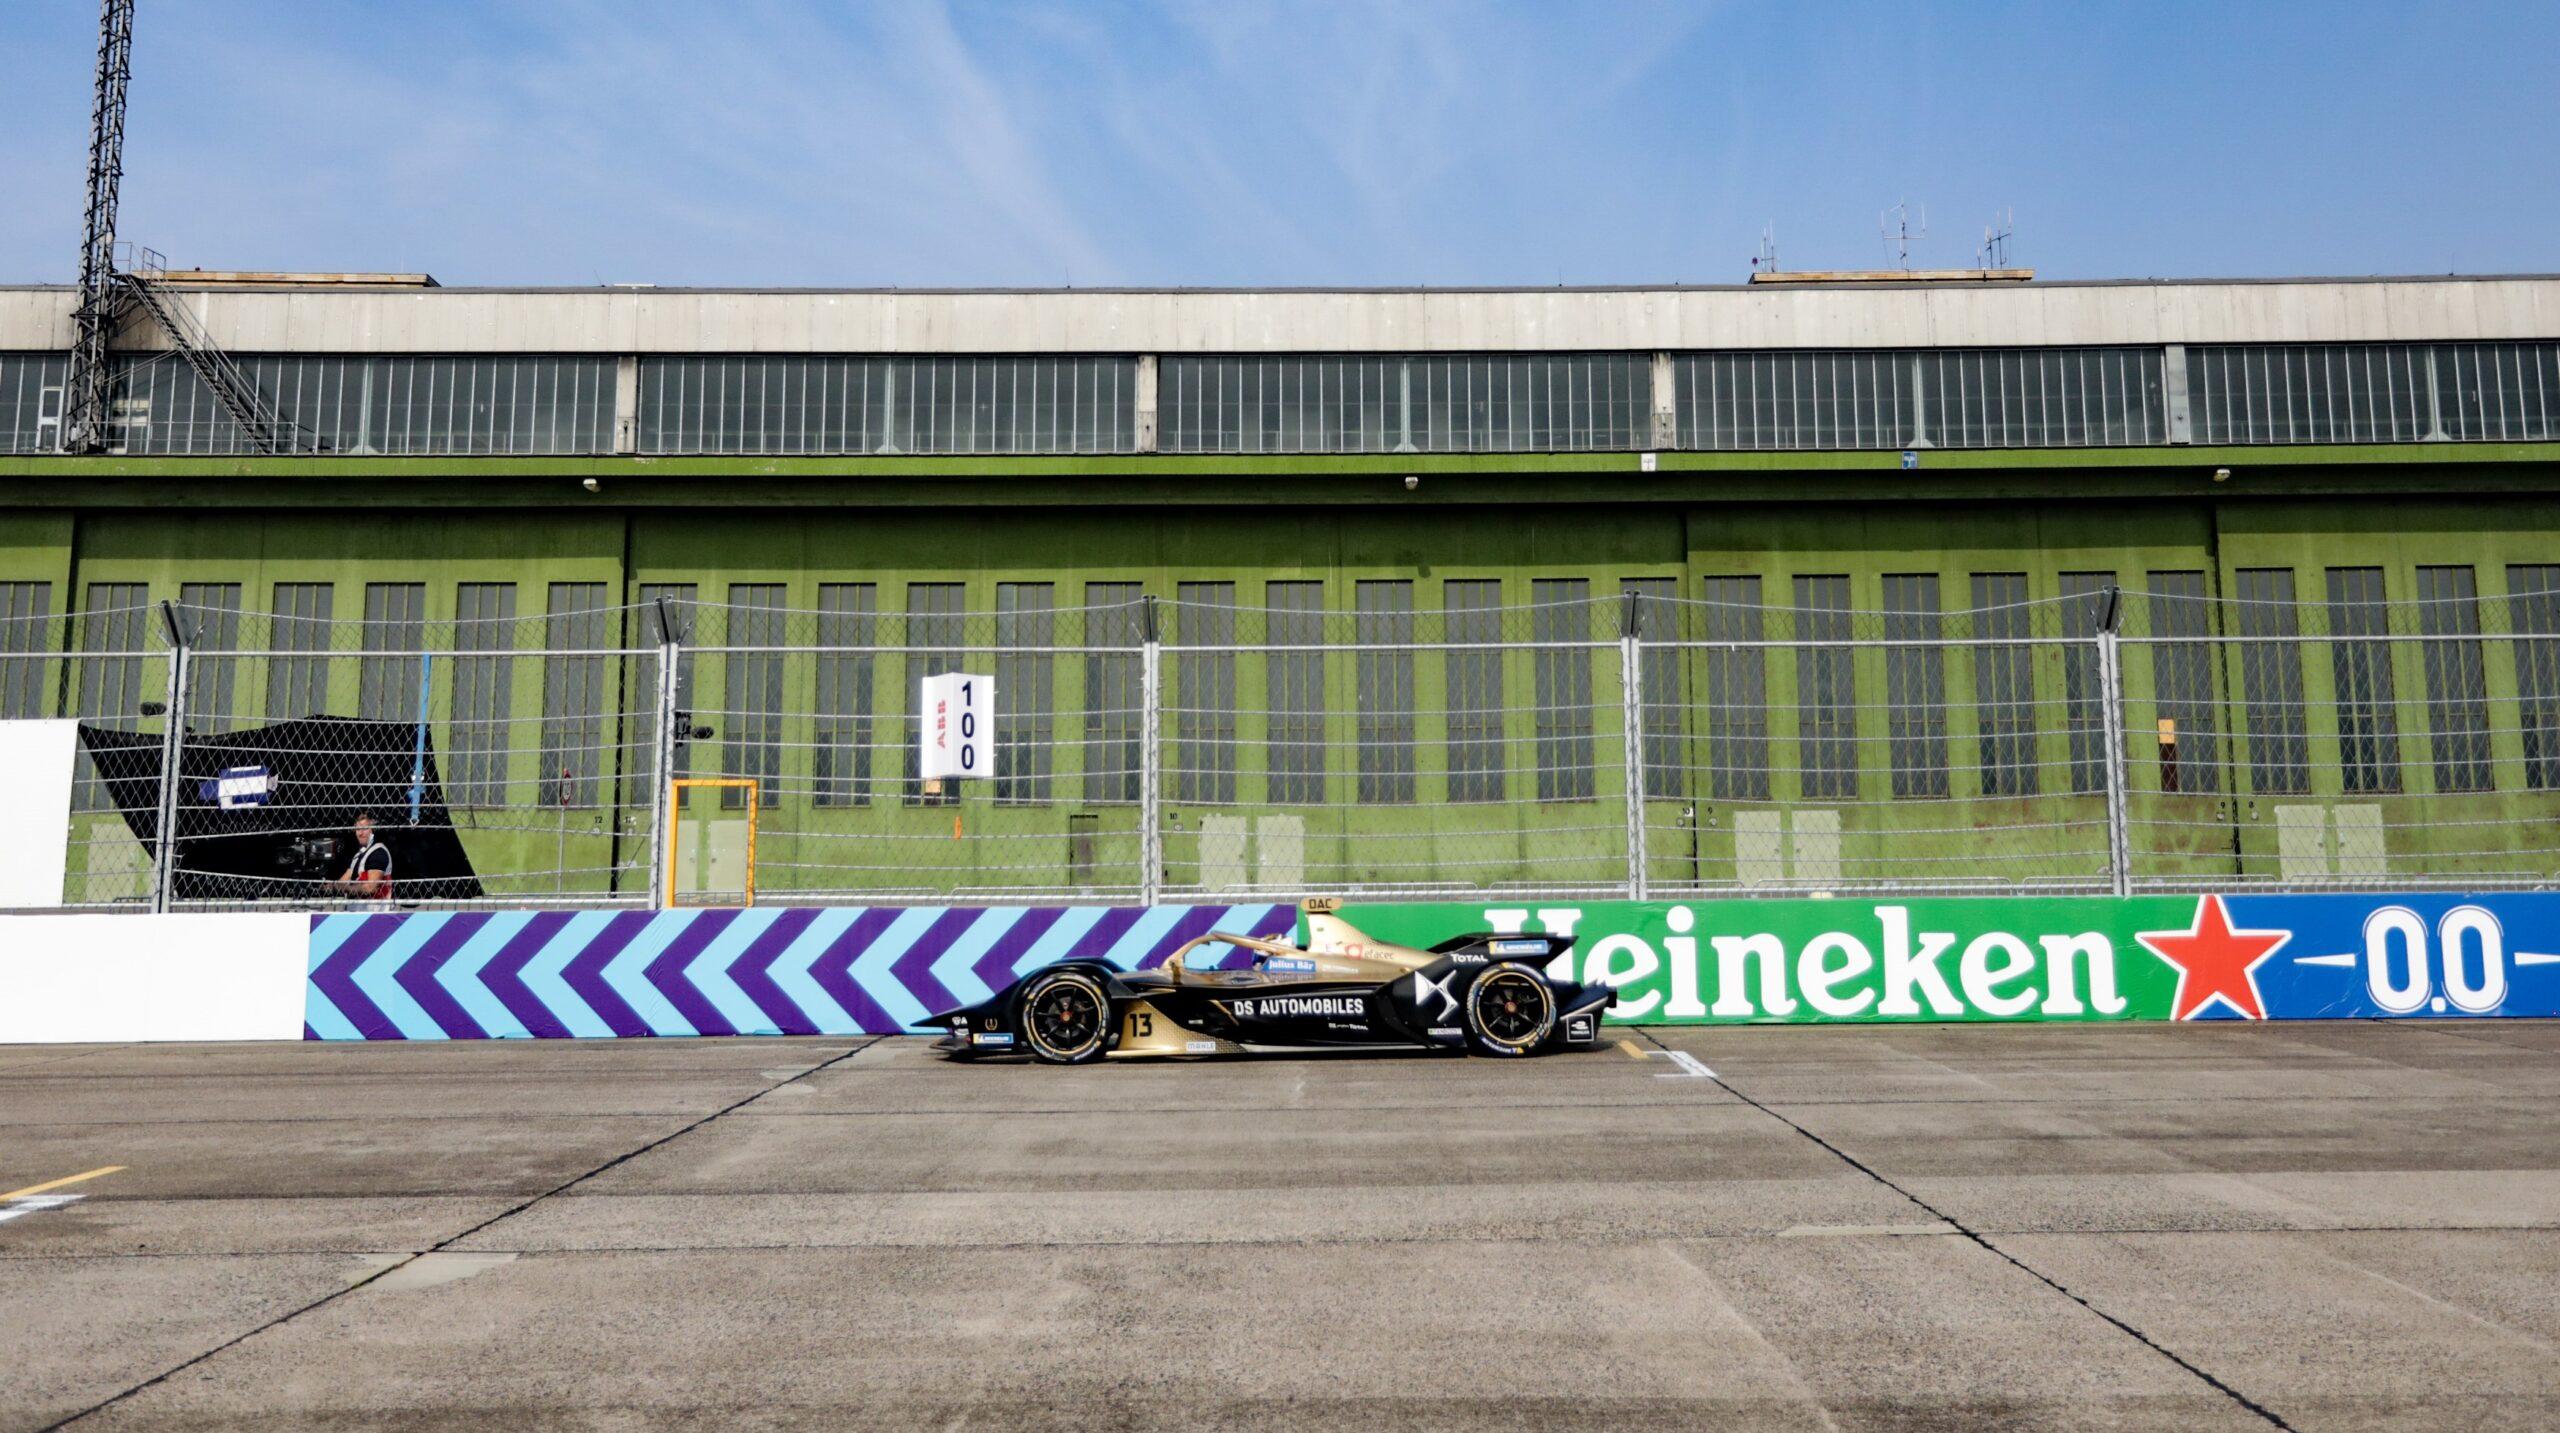 Meteo Berlino: Previsioni meteo per la gara di Formula E.